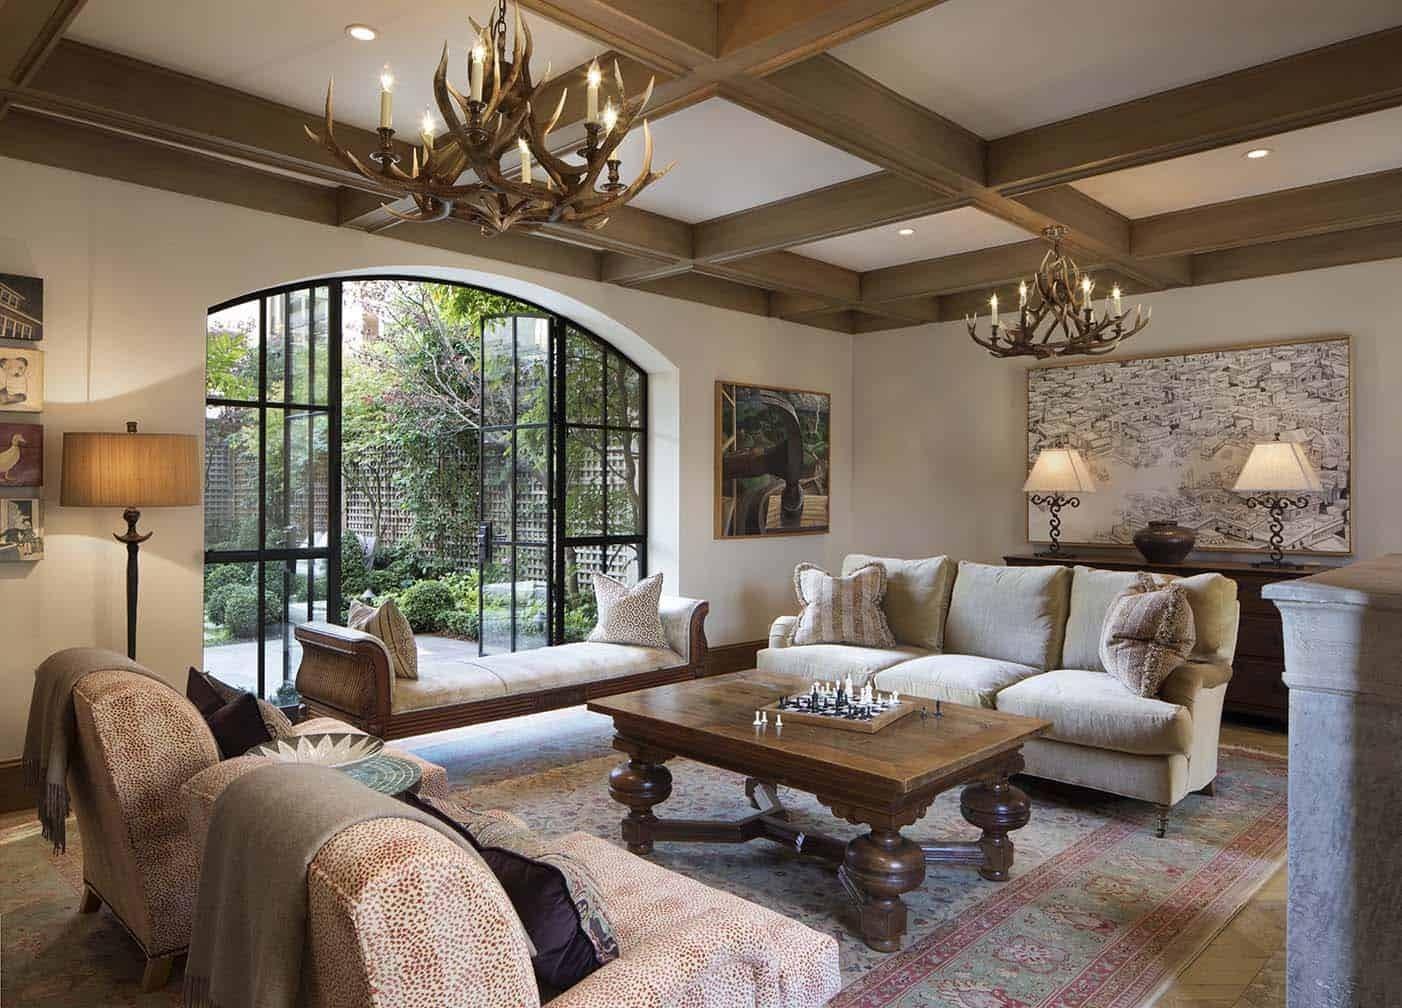 thiết kế nội thất theo các phong cách